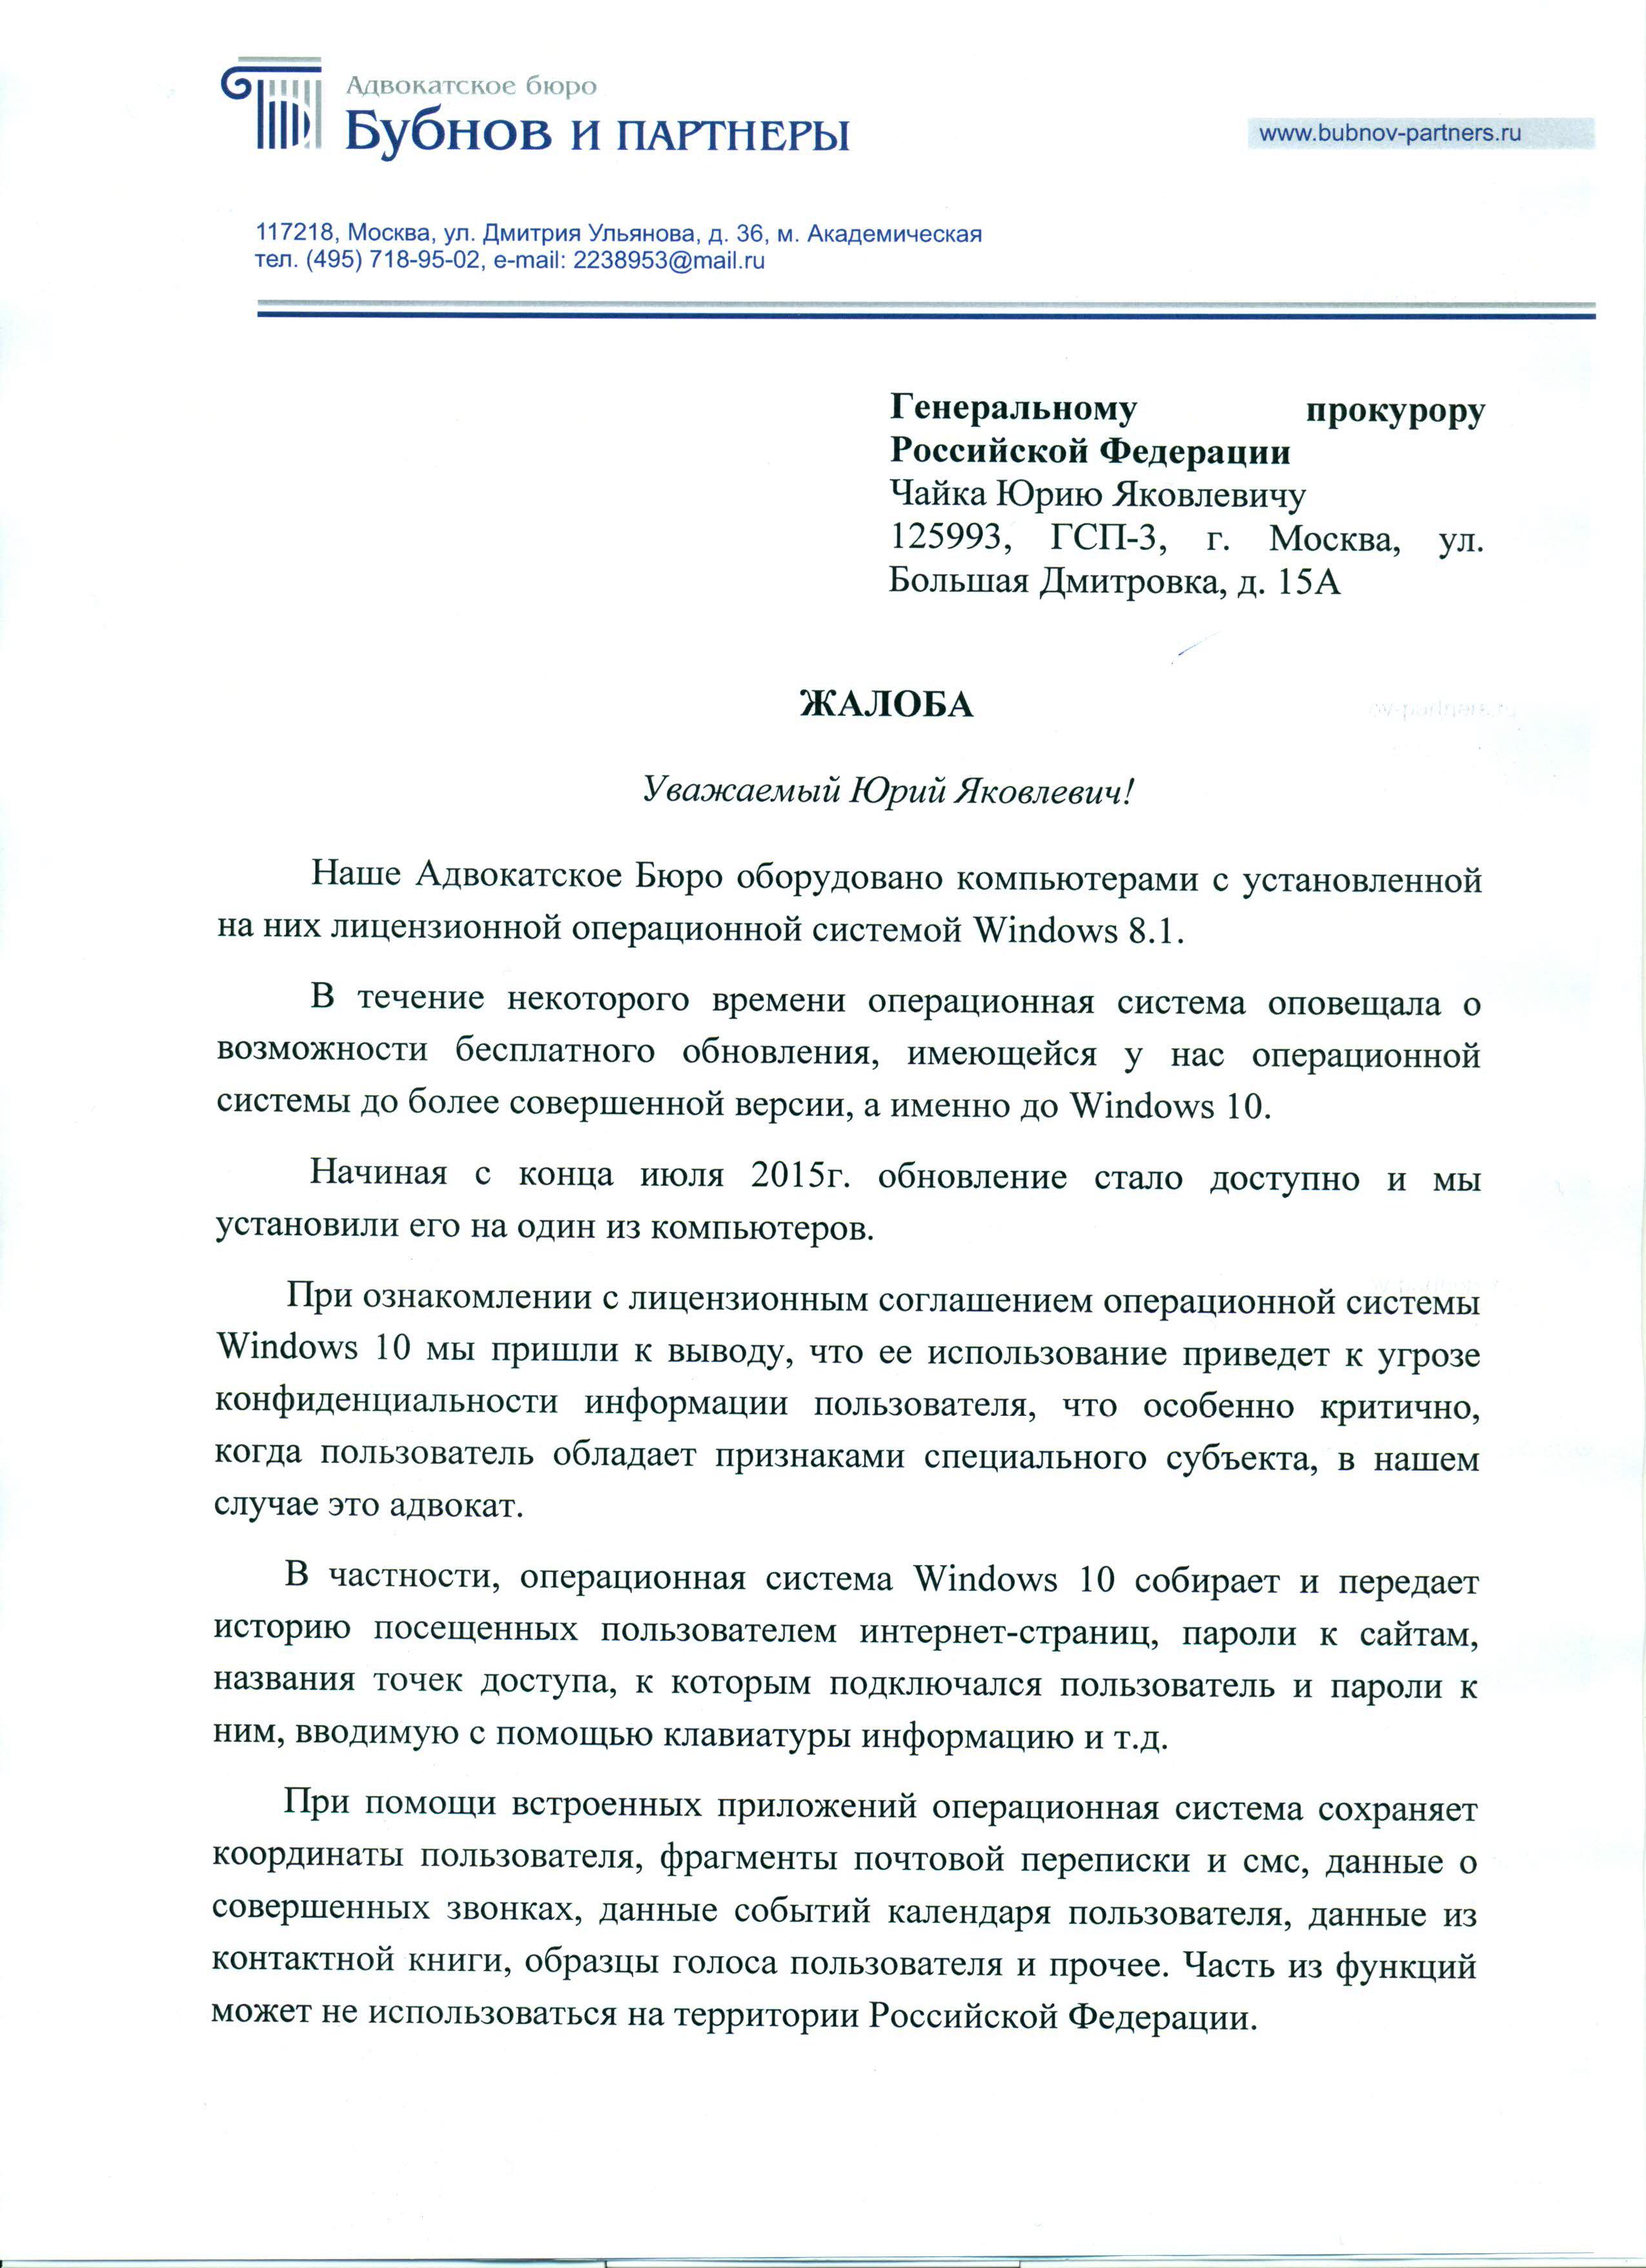 Жалоба генеральному прокурору РФ-1 стр 1